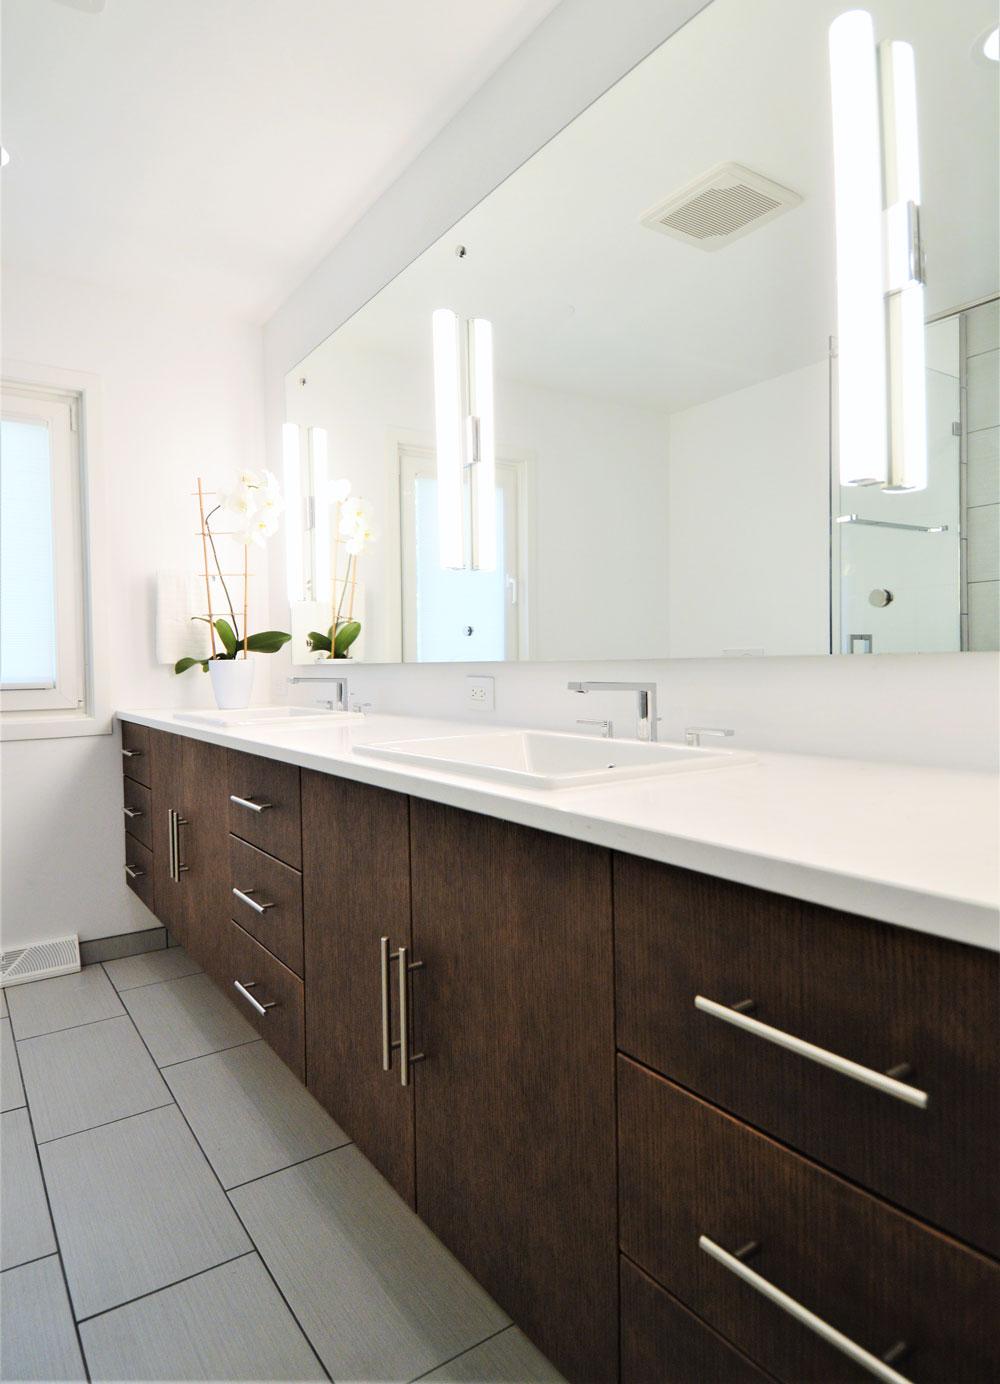 bathroom_angledsinkview.jpg